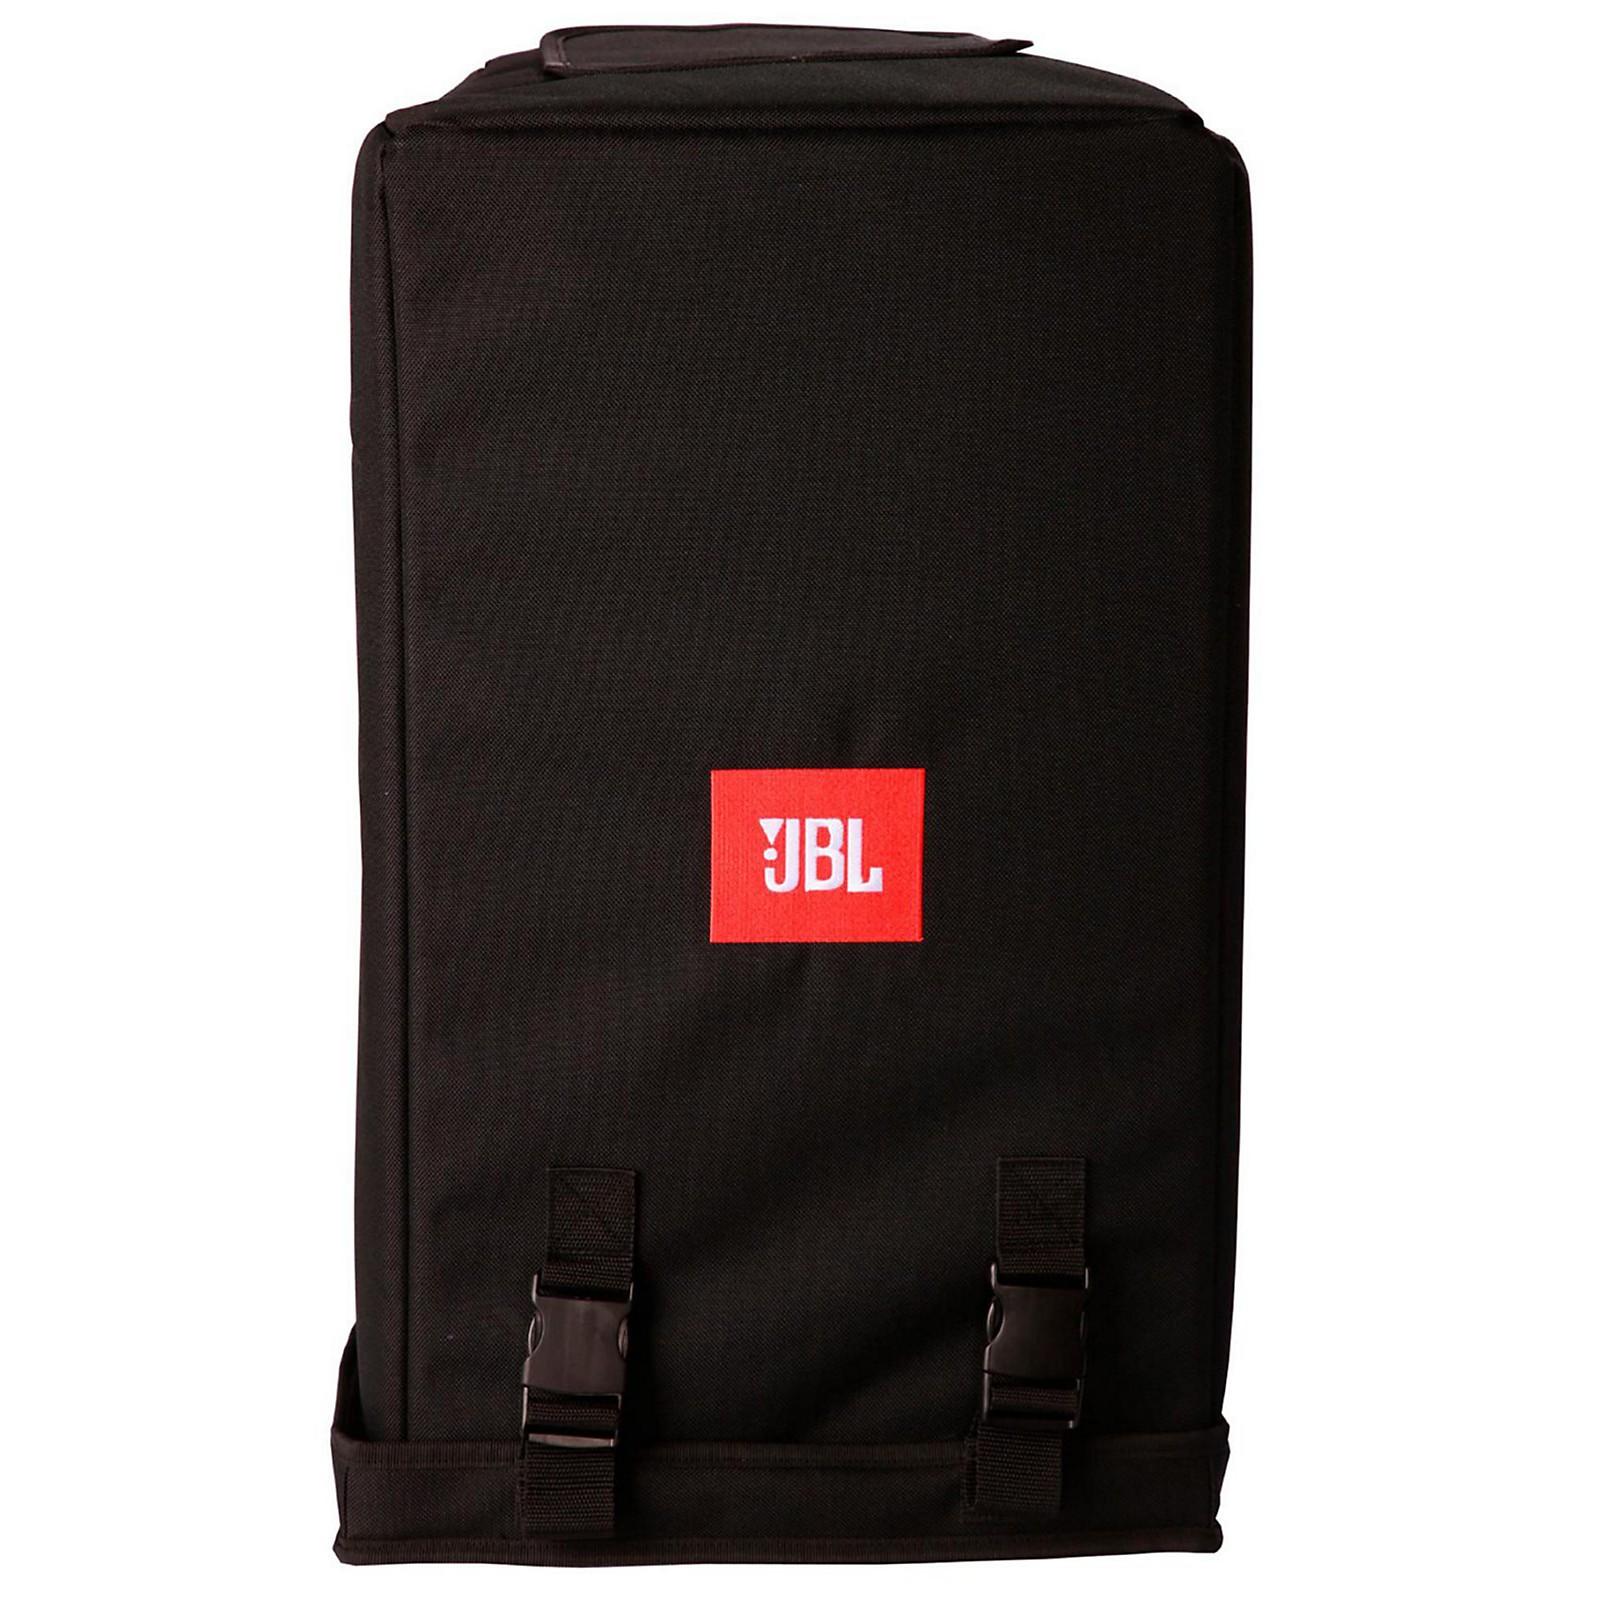 JBL Bag Padded Cover for VRX932LAP